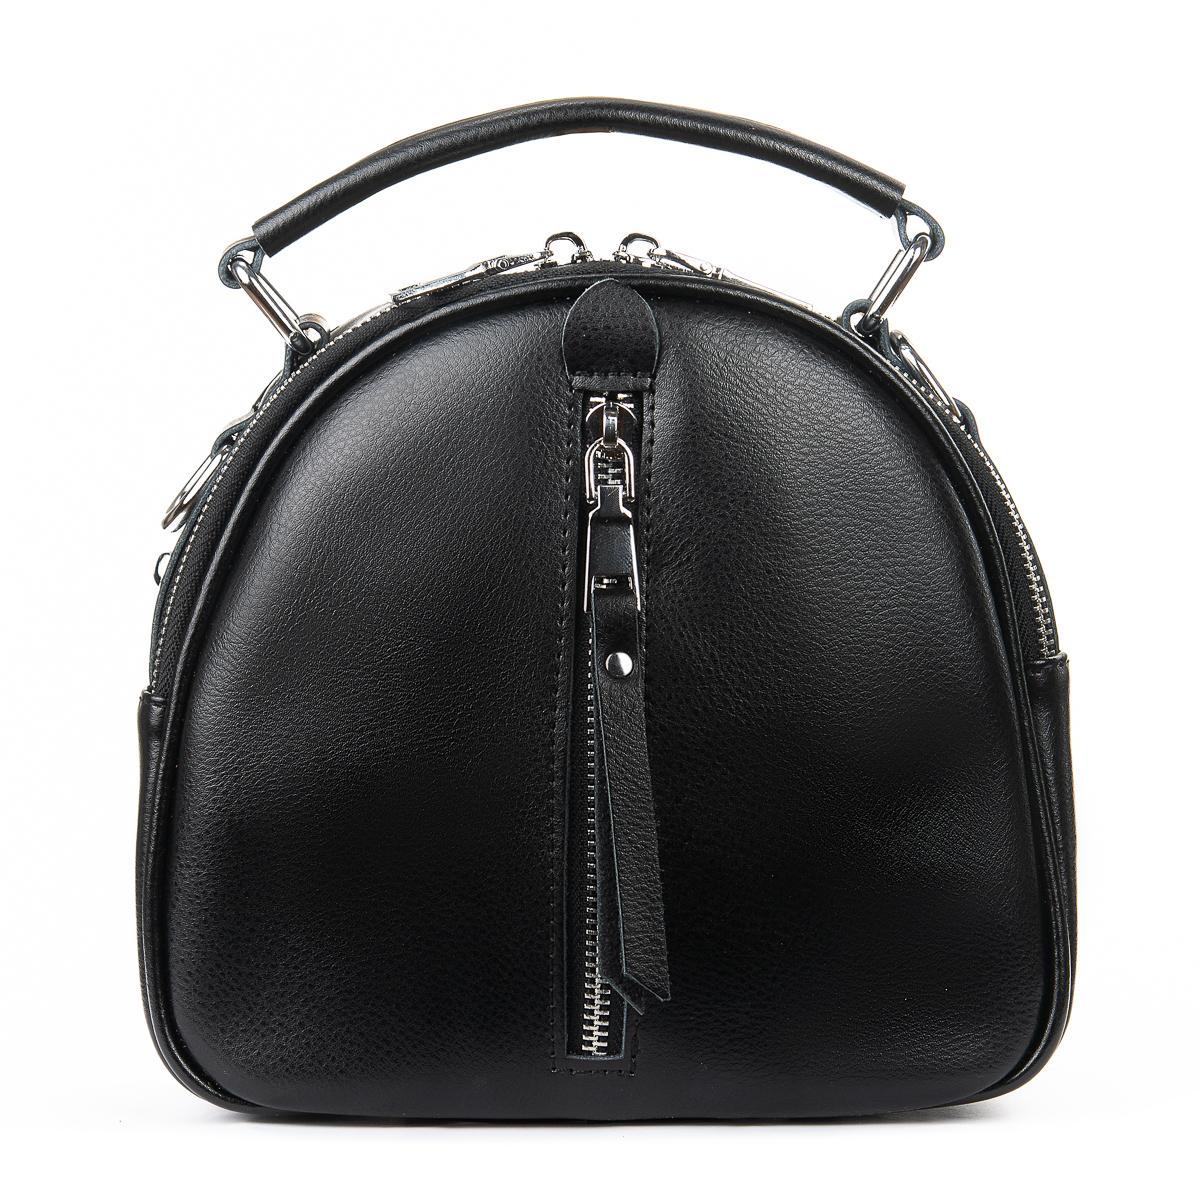 Сумка Женская Клатч кожа ALEX RAI 06-1 339 black